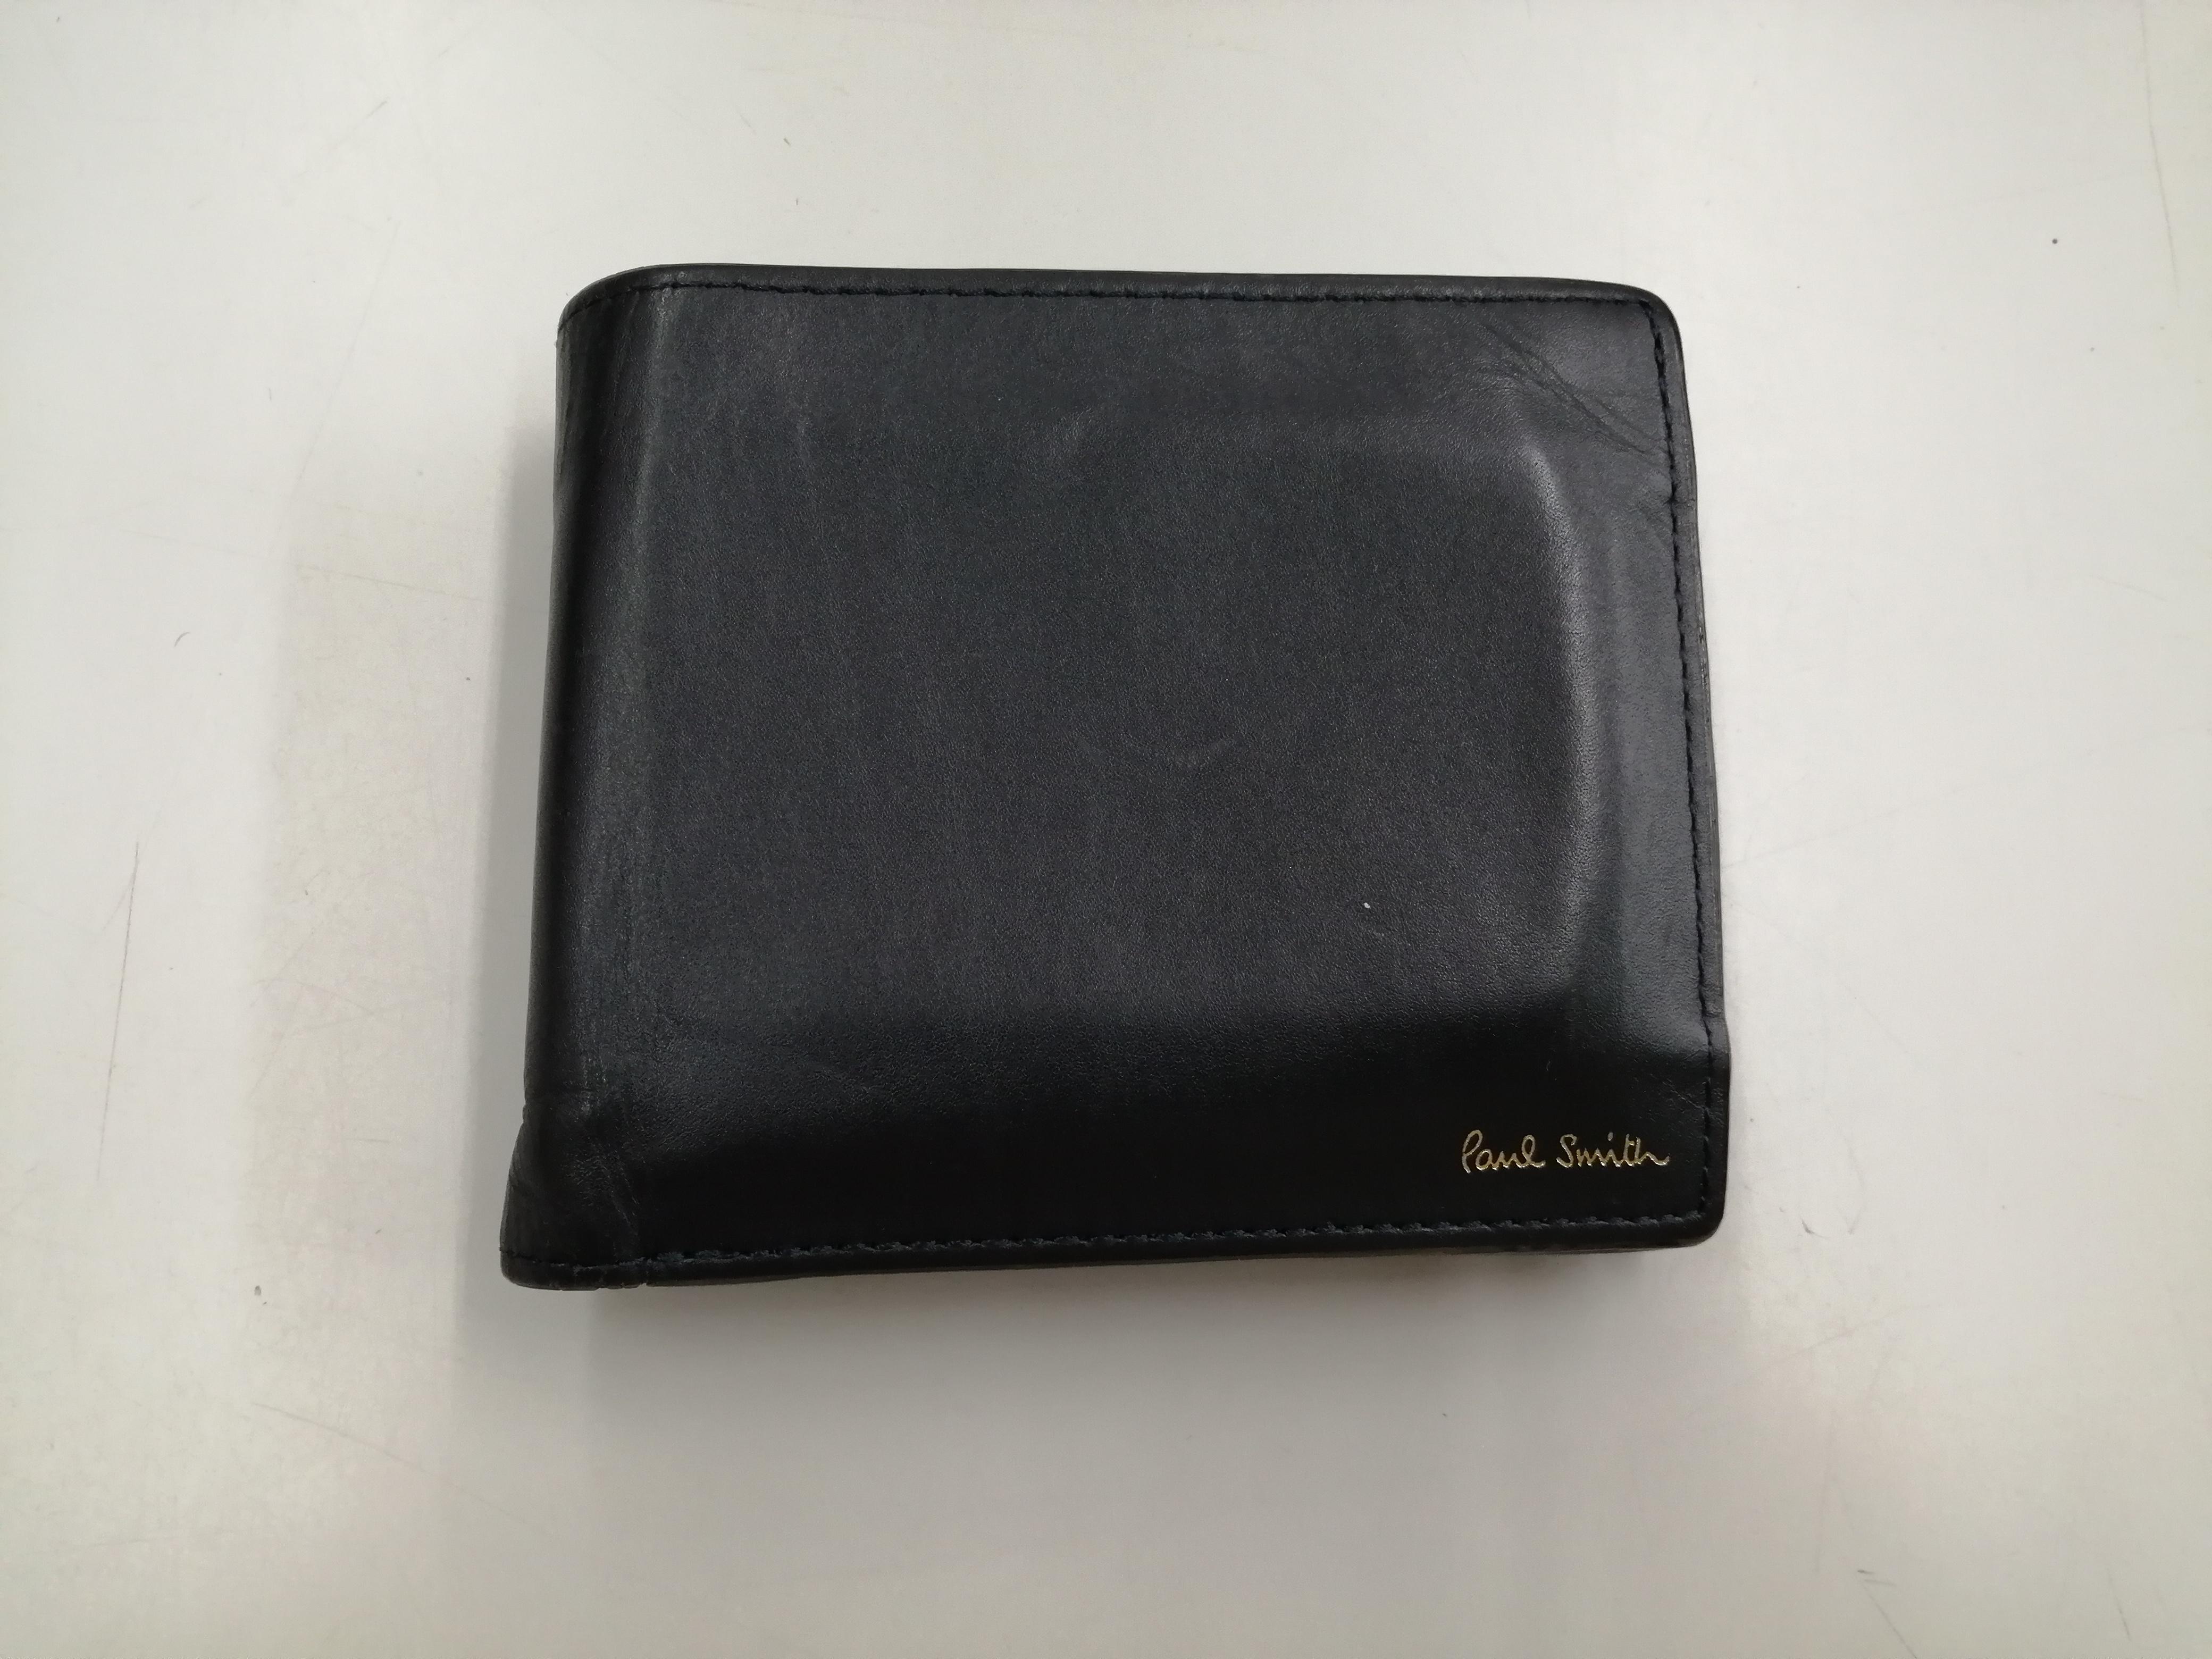 PAUL SMITH 二つ折り財布ブラック PAUL SMITH